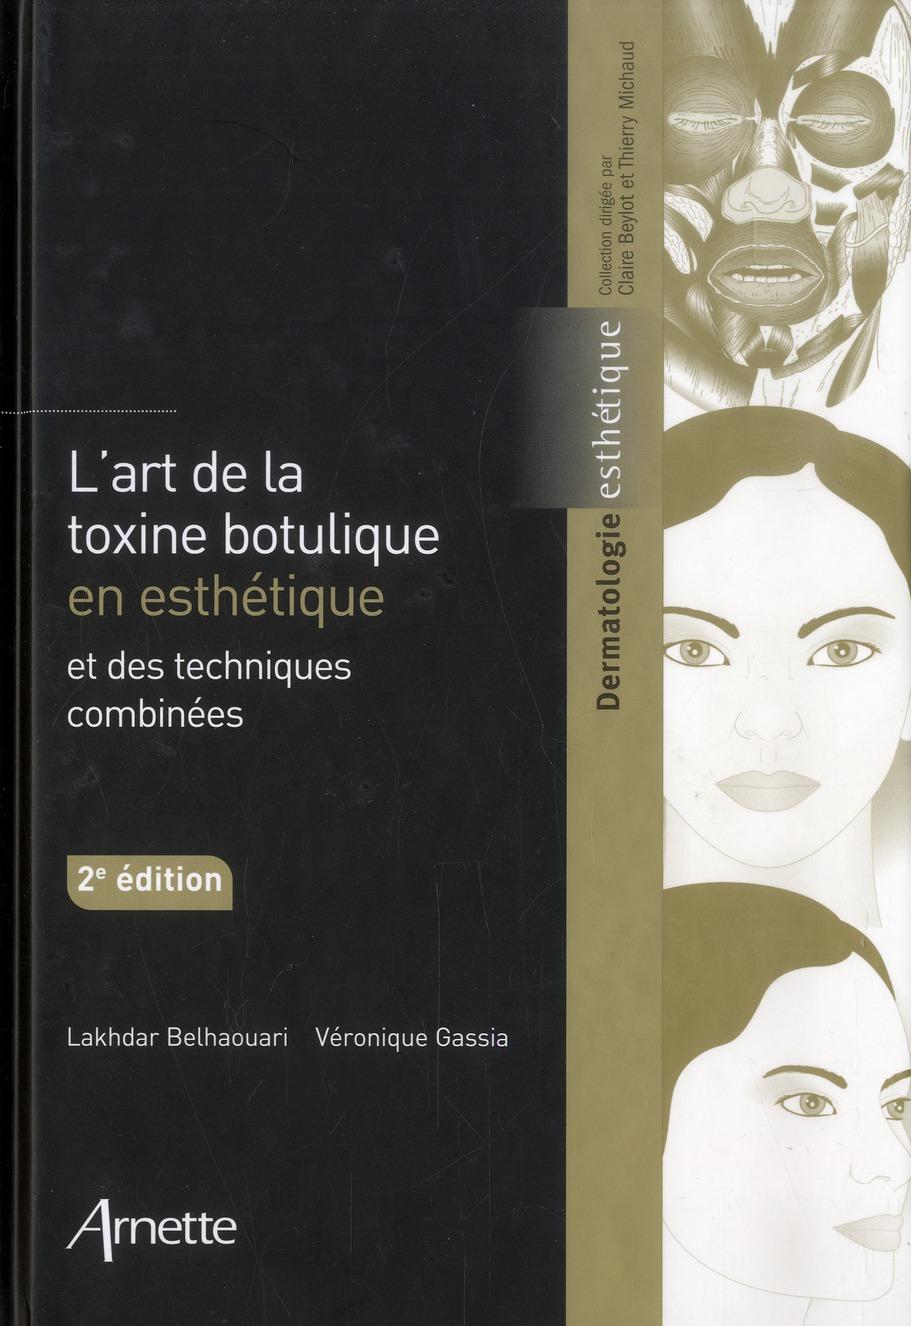 L'ART DE LA TOXINE BOTULIQUE 2E ED